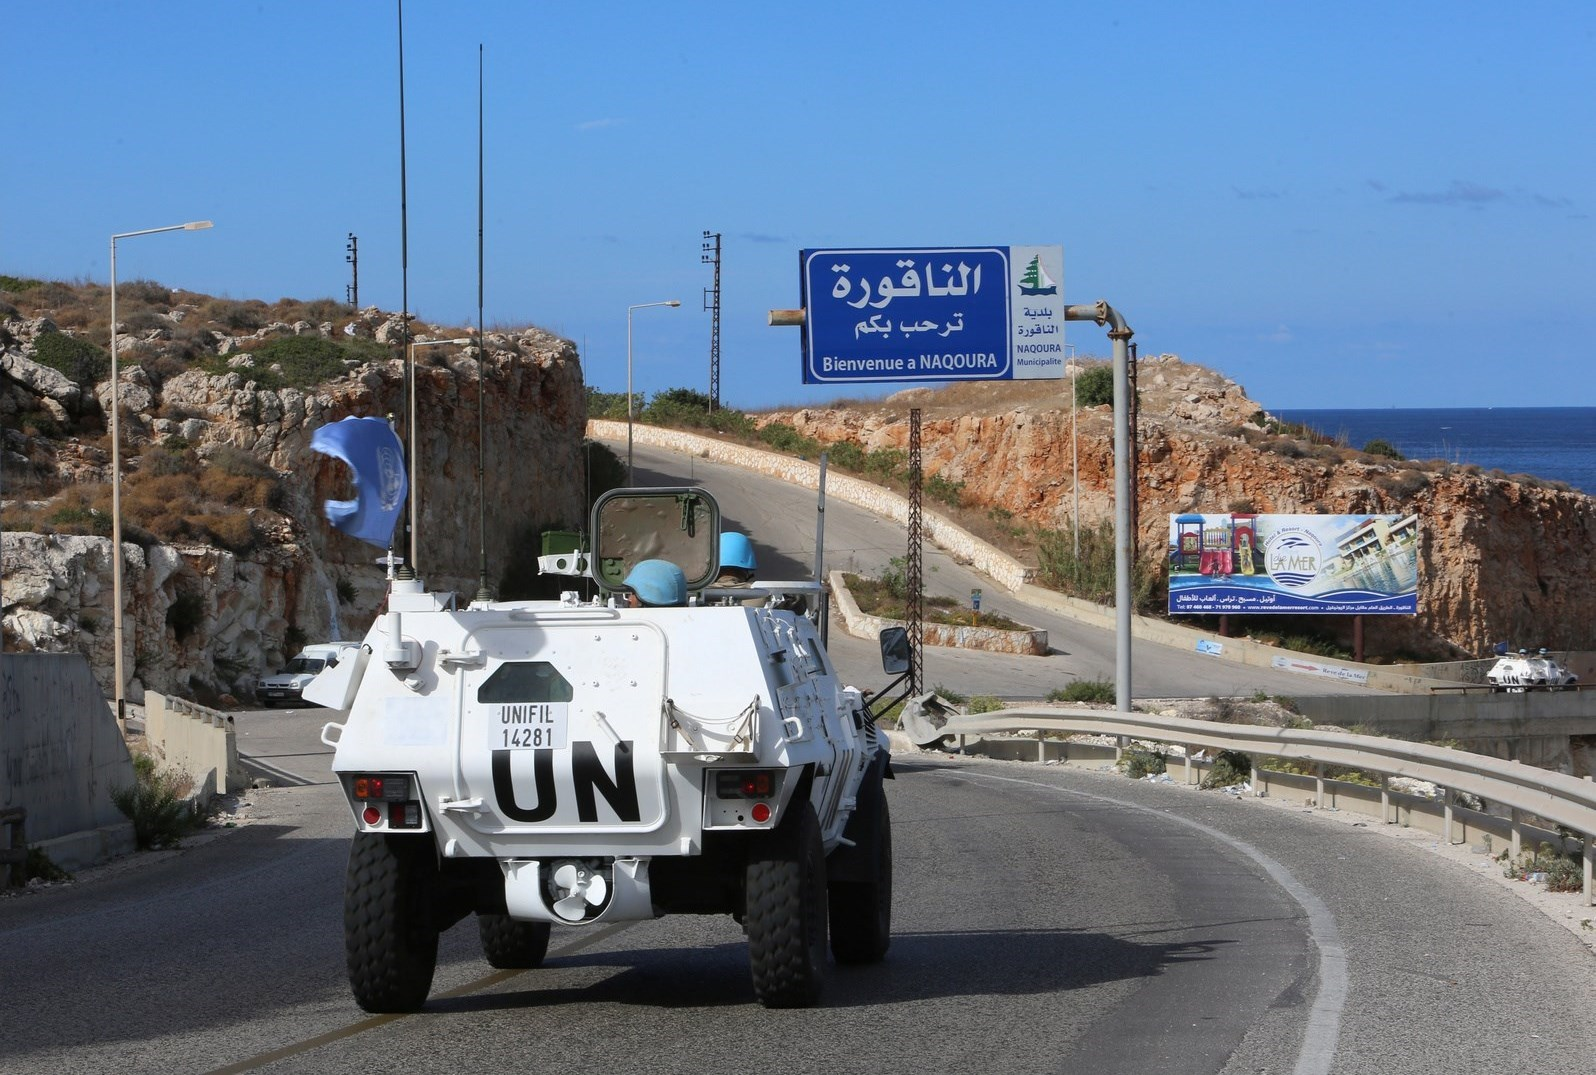 تهدف المفاوضات إلى تثبيت ترسيم الحدود البرية والبحرية بين لبنان وفلسطين المحتلة